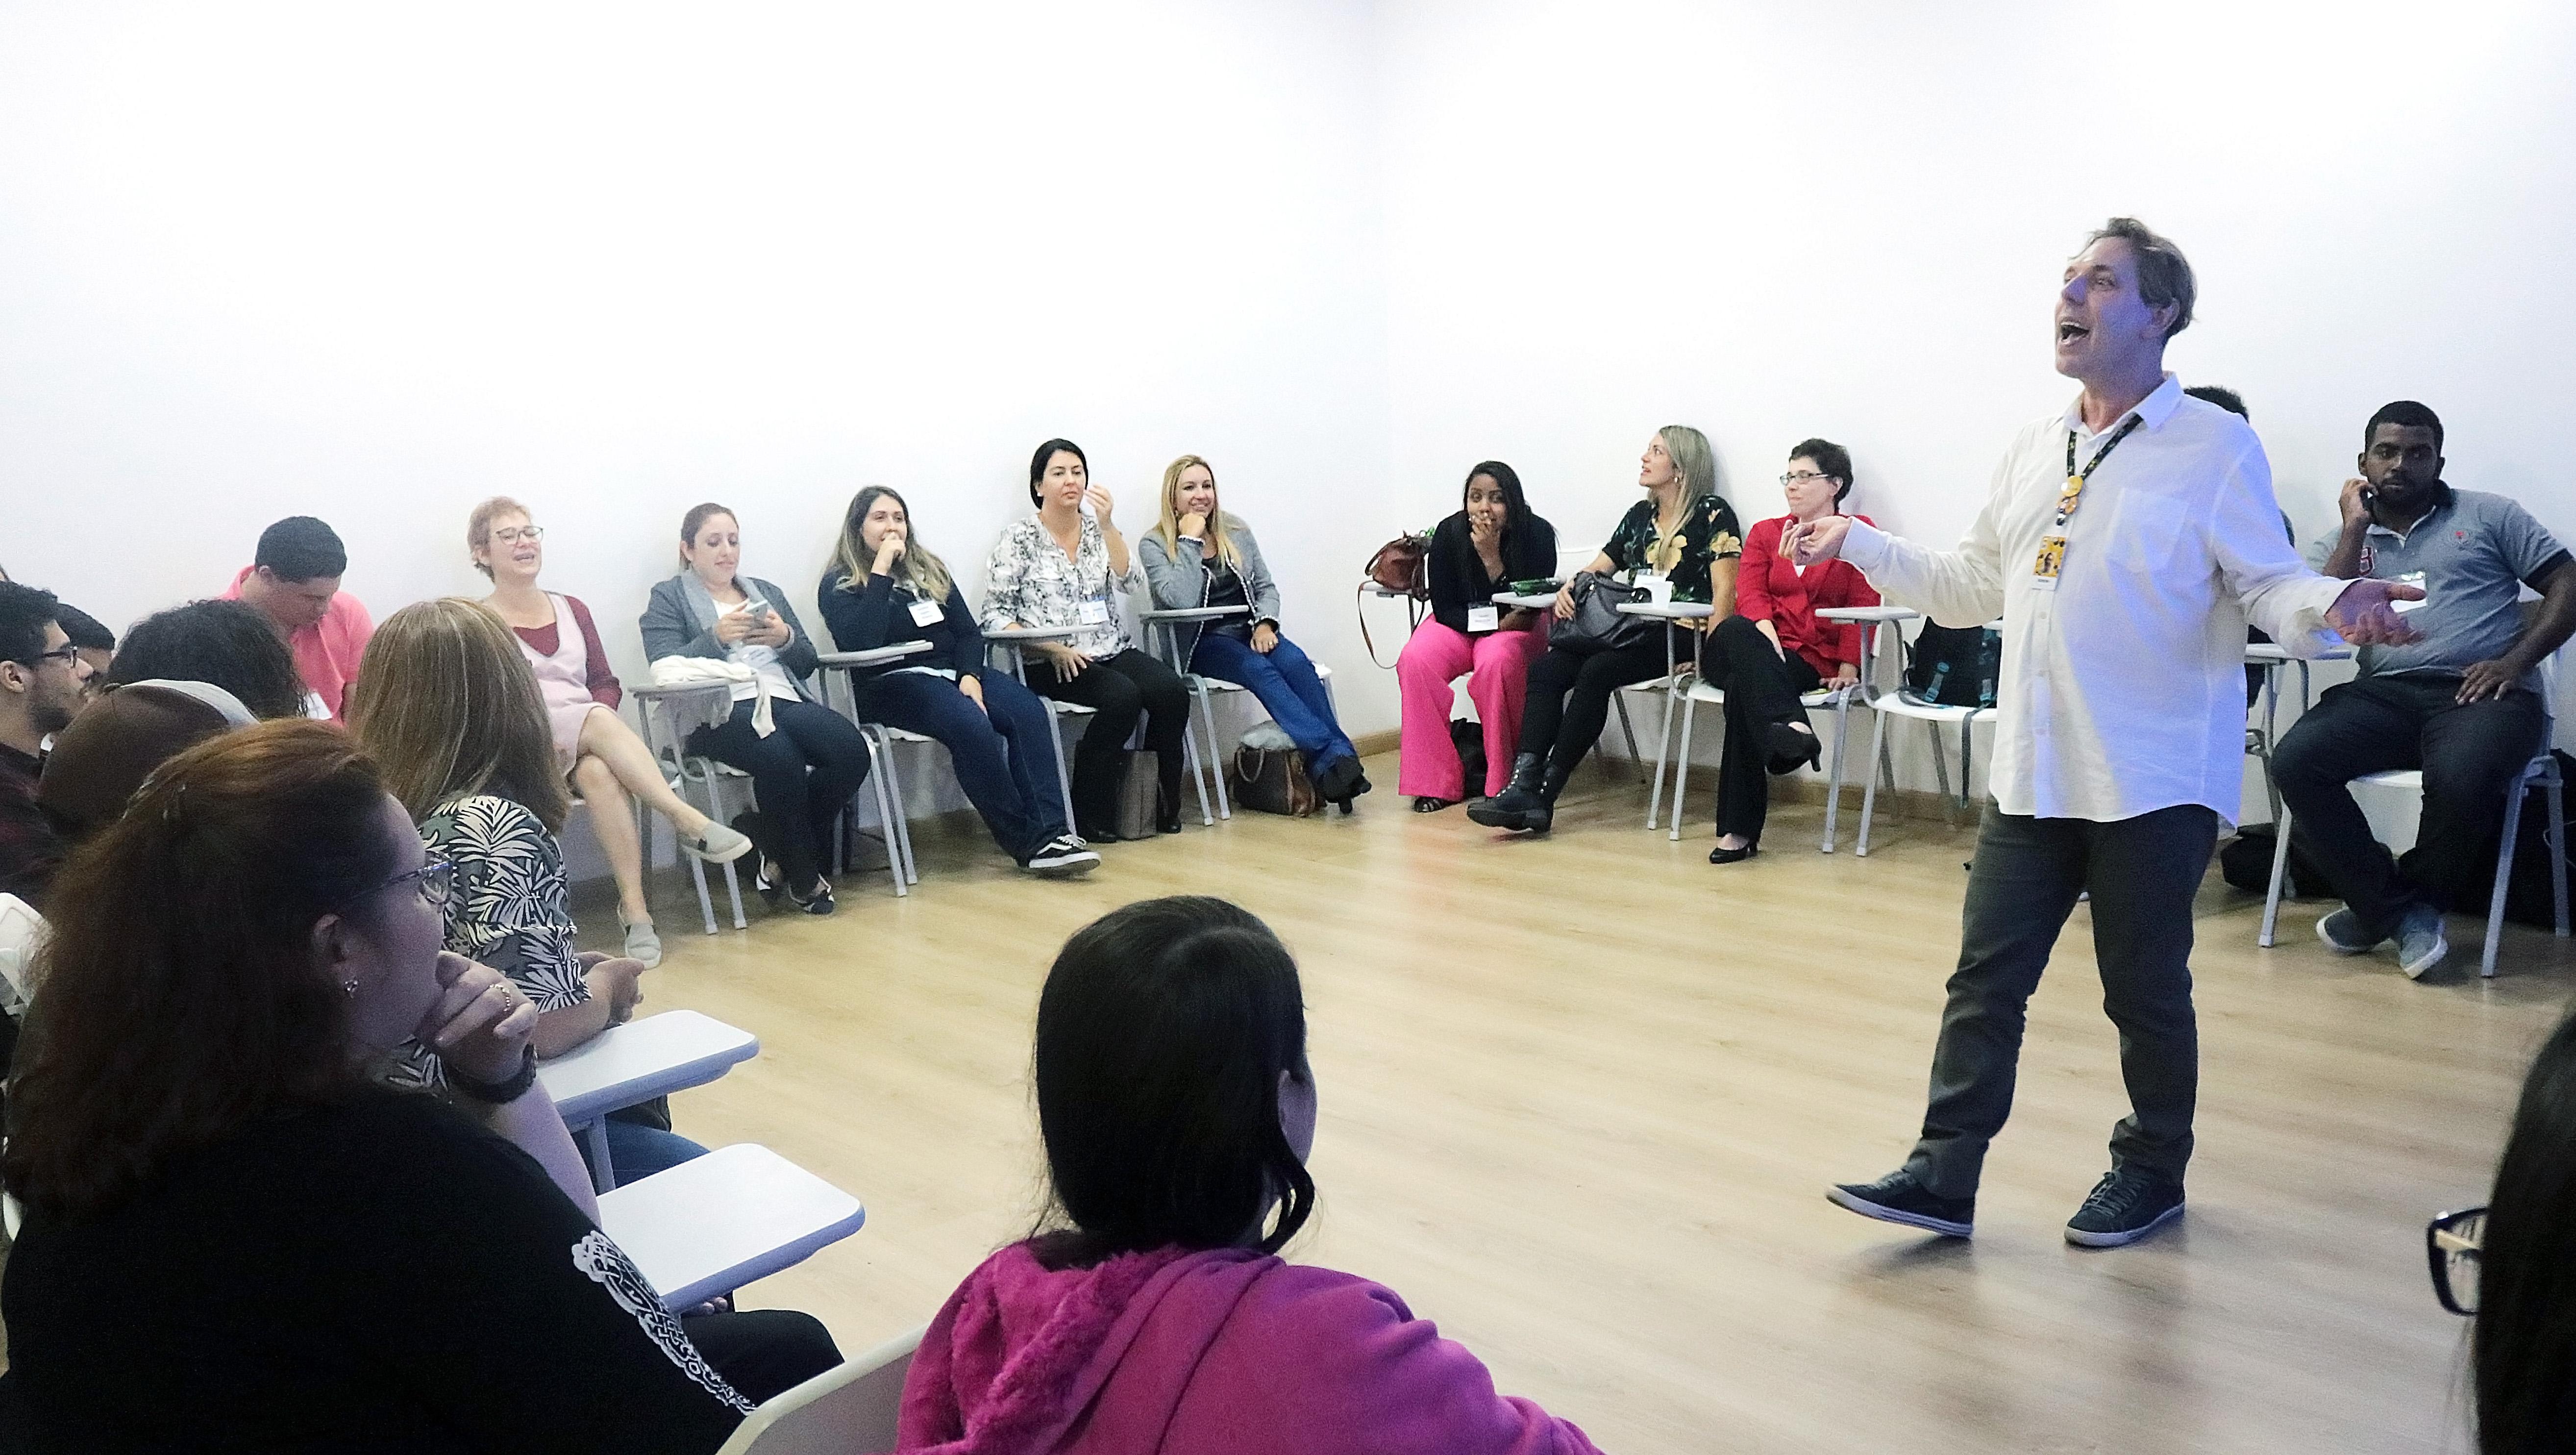 Descrição da imagem: foto de Edson Defendi de pé, ao centro da sala, falando para um grande grupo sentado em roda. Ele está com os braços abertos.